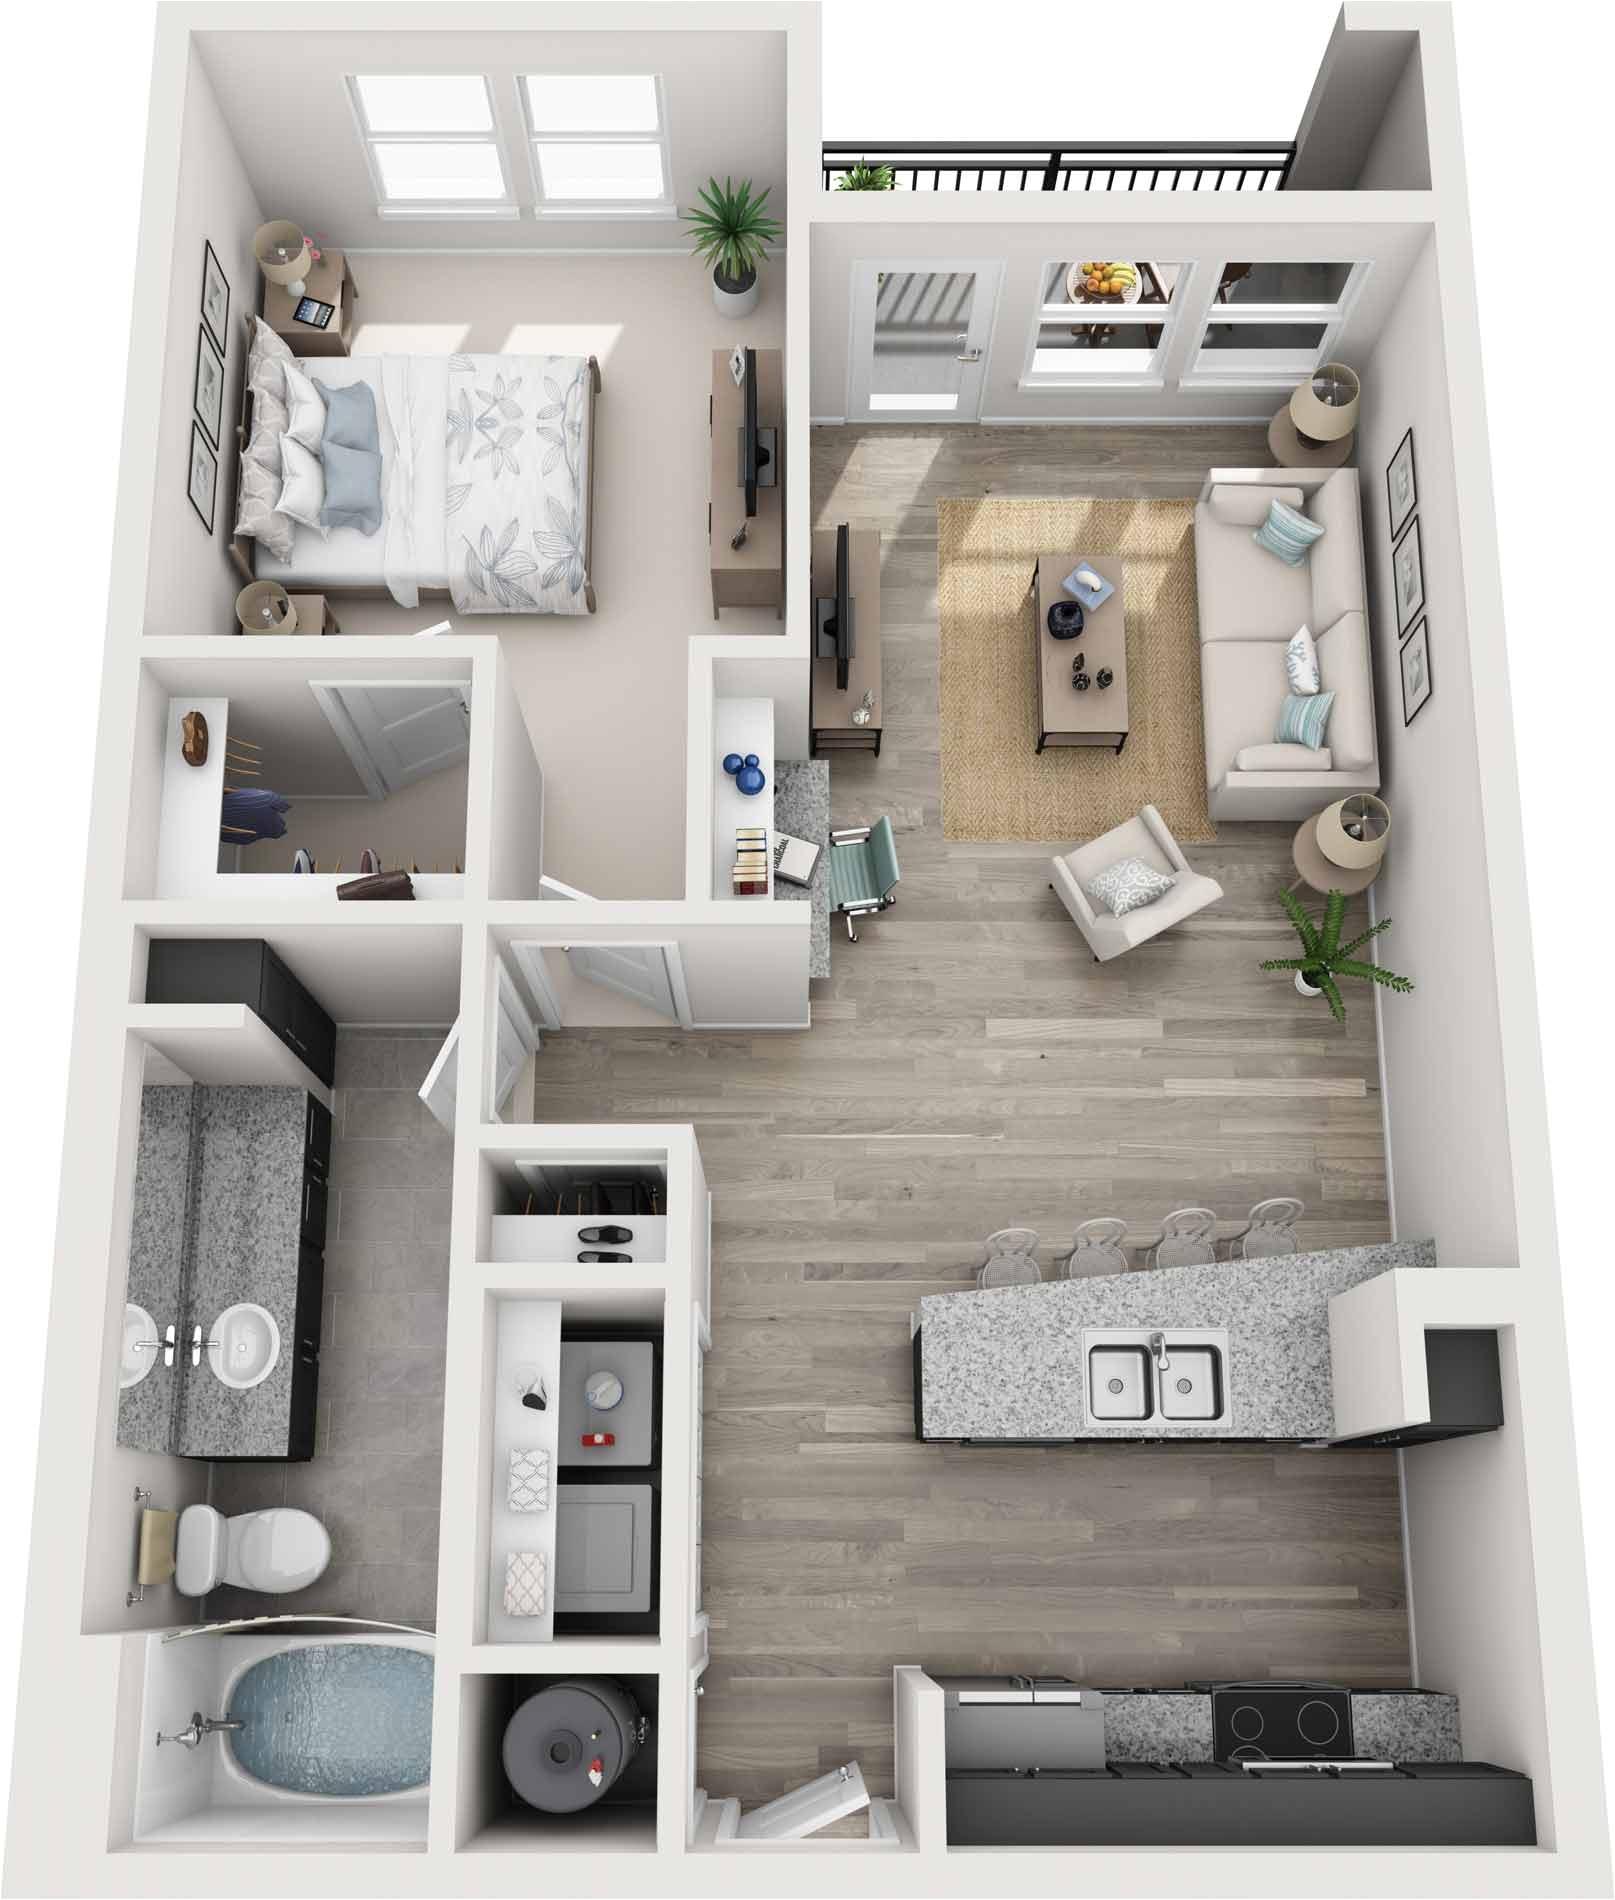 One Bedroom Apartments Near Nashville Elliston 23 Luxury Pet Friendly Apartments In Nashville Tn the